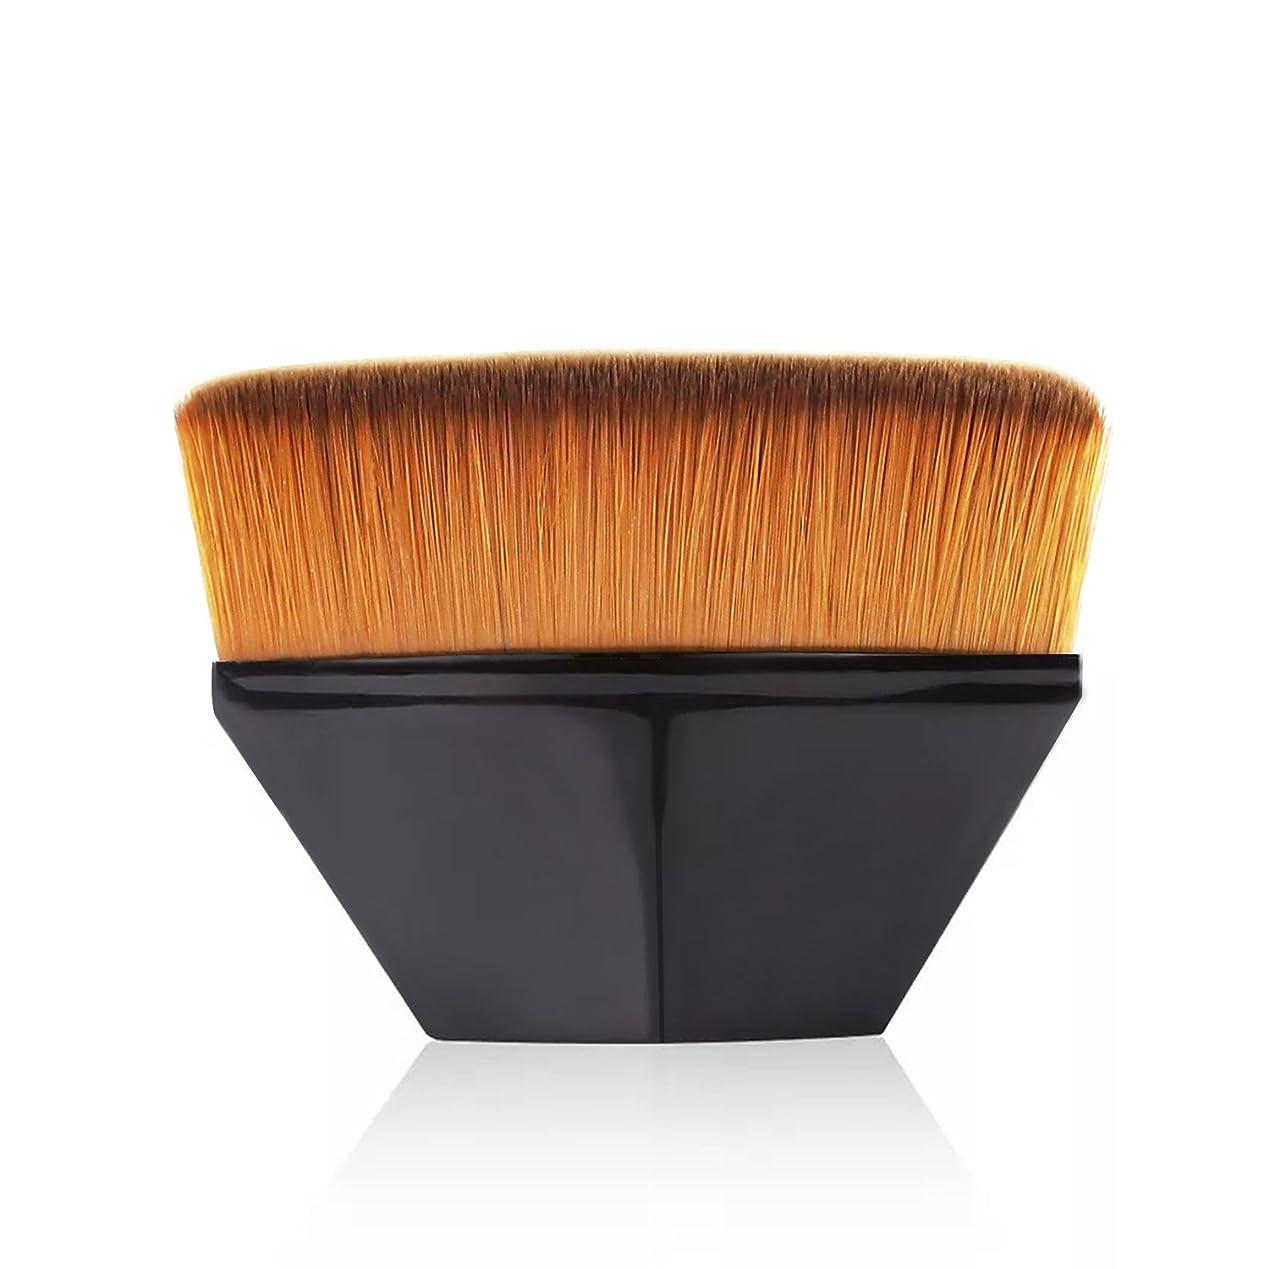 裁量ぼんやりしたからかうペタル ファンデーション ブラシ 高密度合成毛 ベース ブラシ ブラック